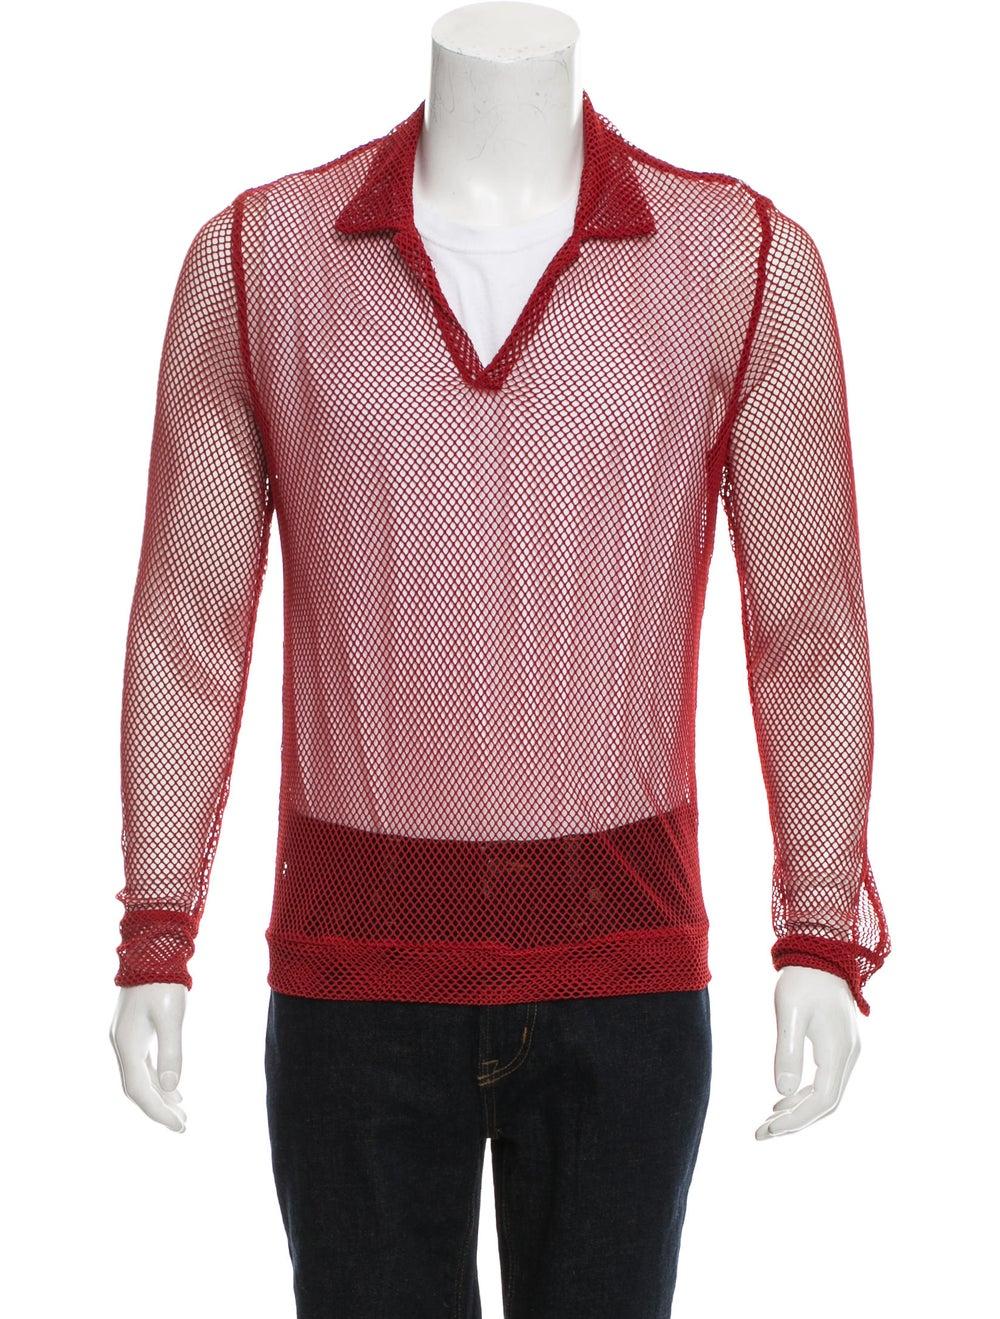 La Perla Long Sleeve Mesh Shirt red - image 1